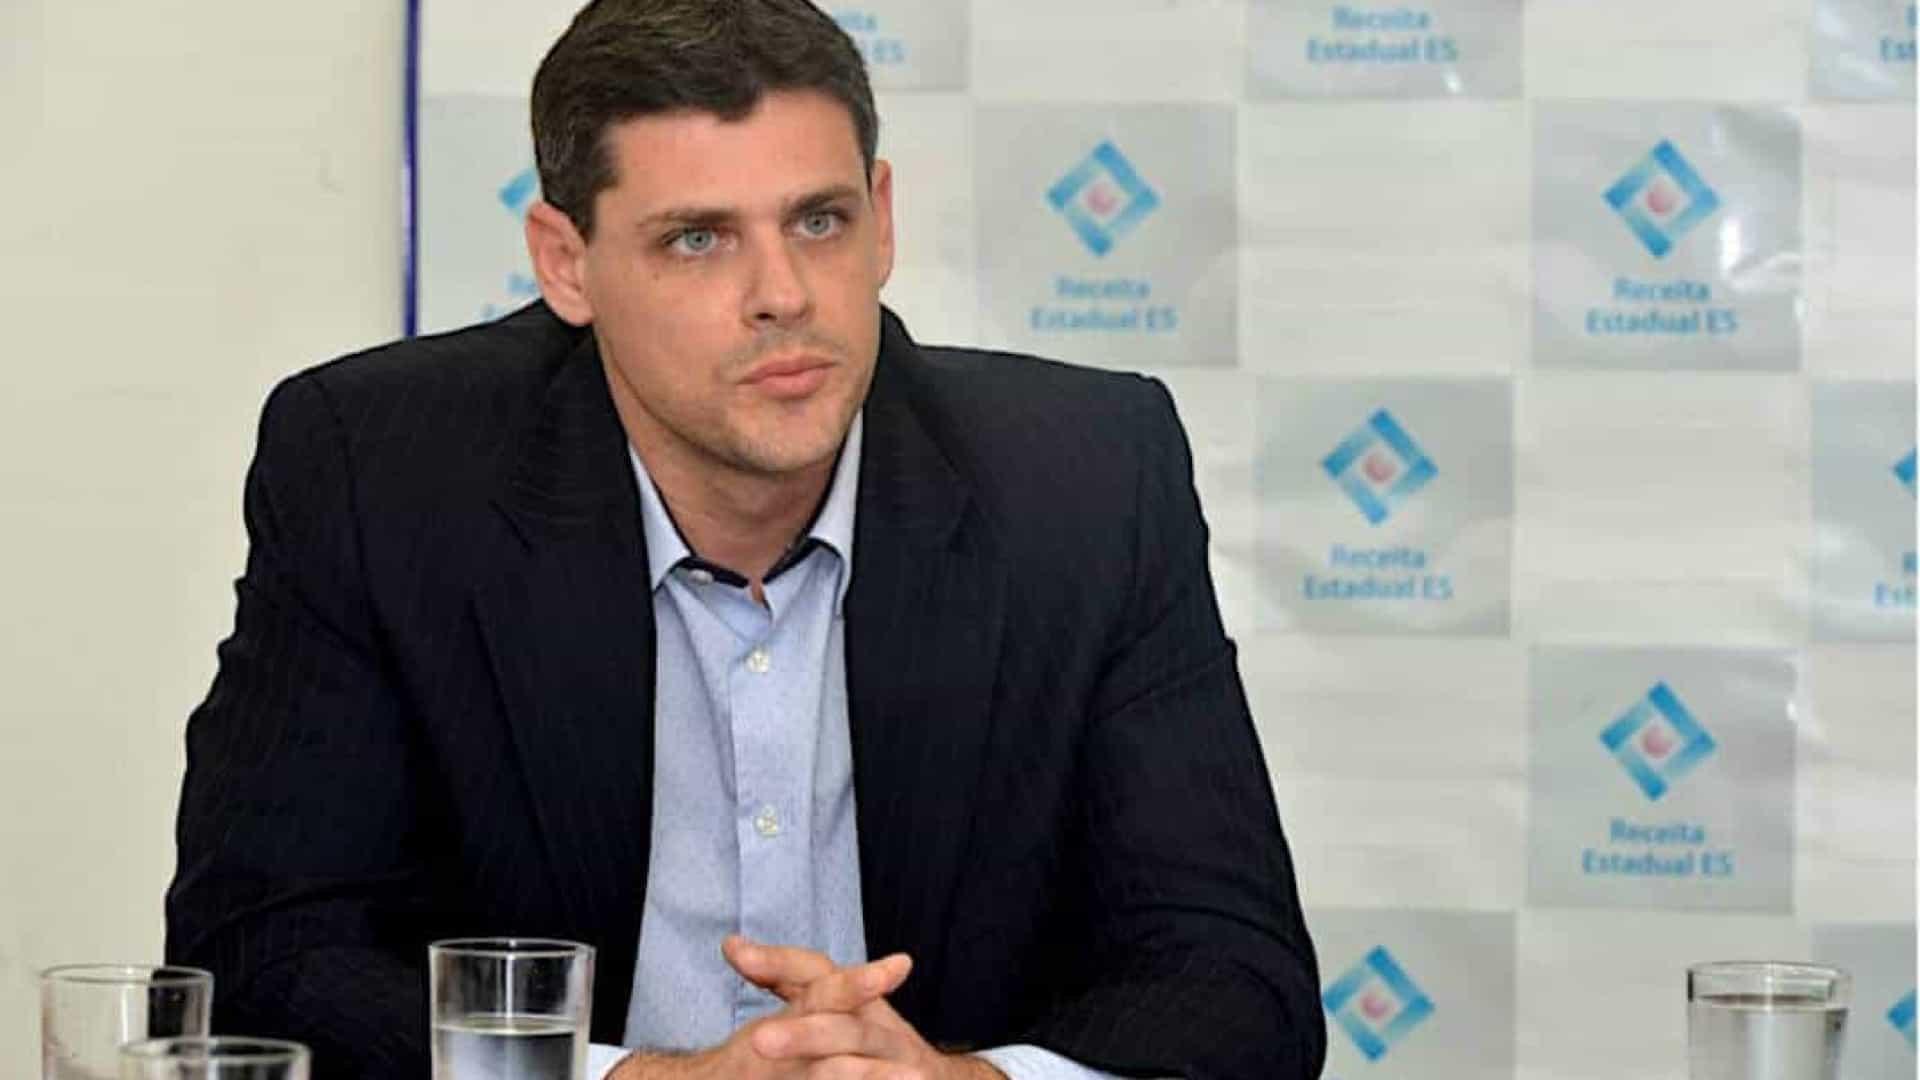 Funchal: é importante continuar avançando em reformas